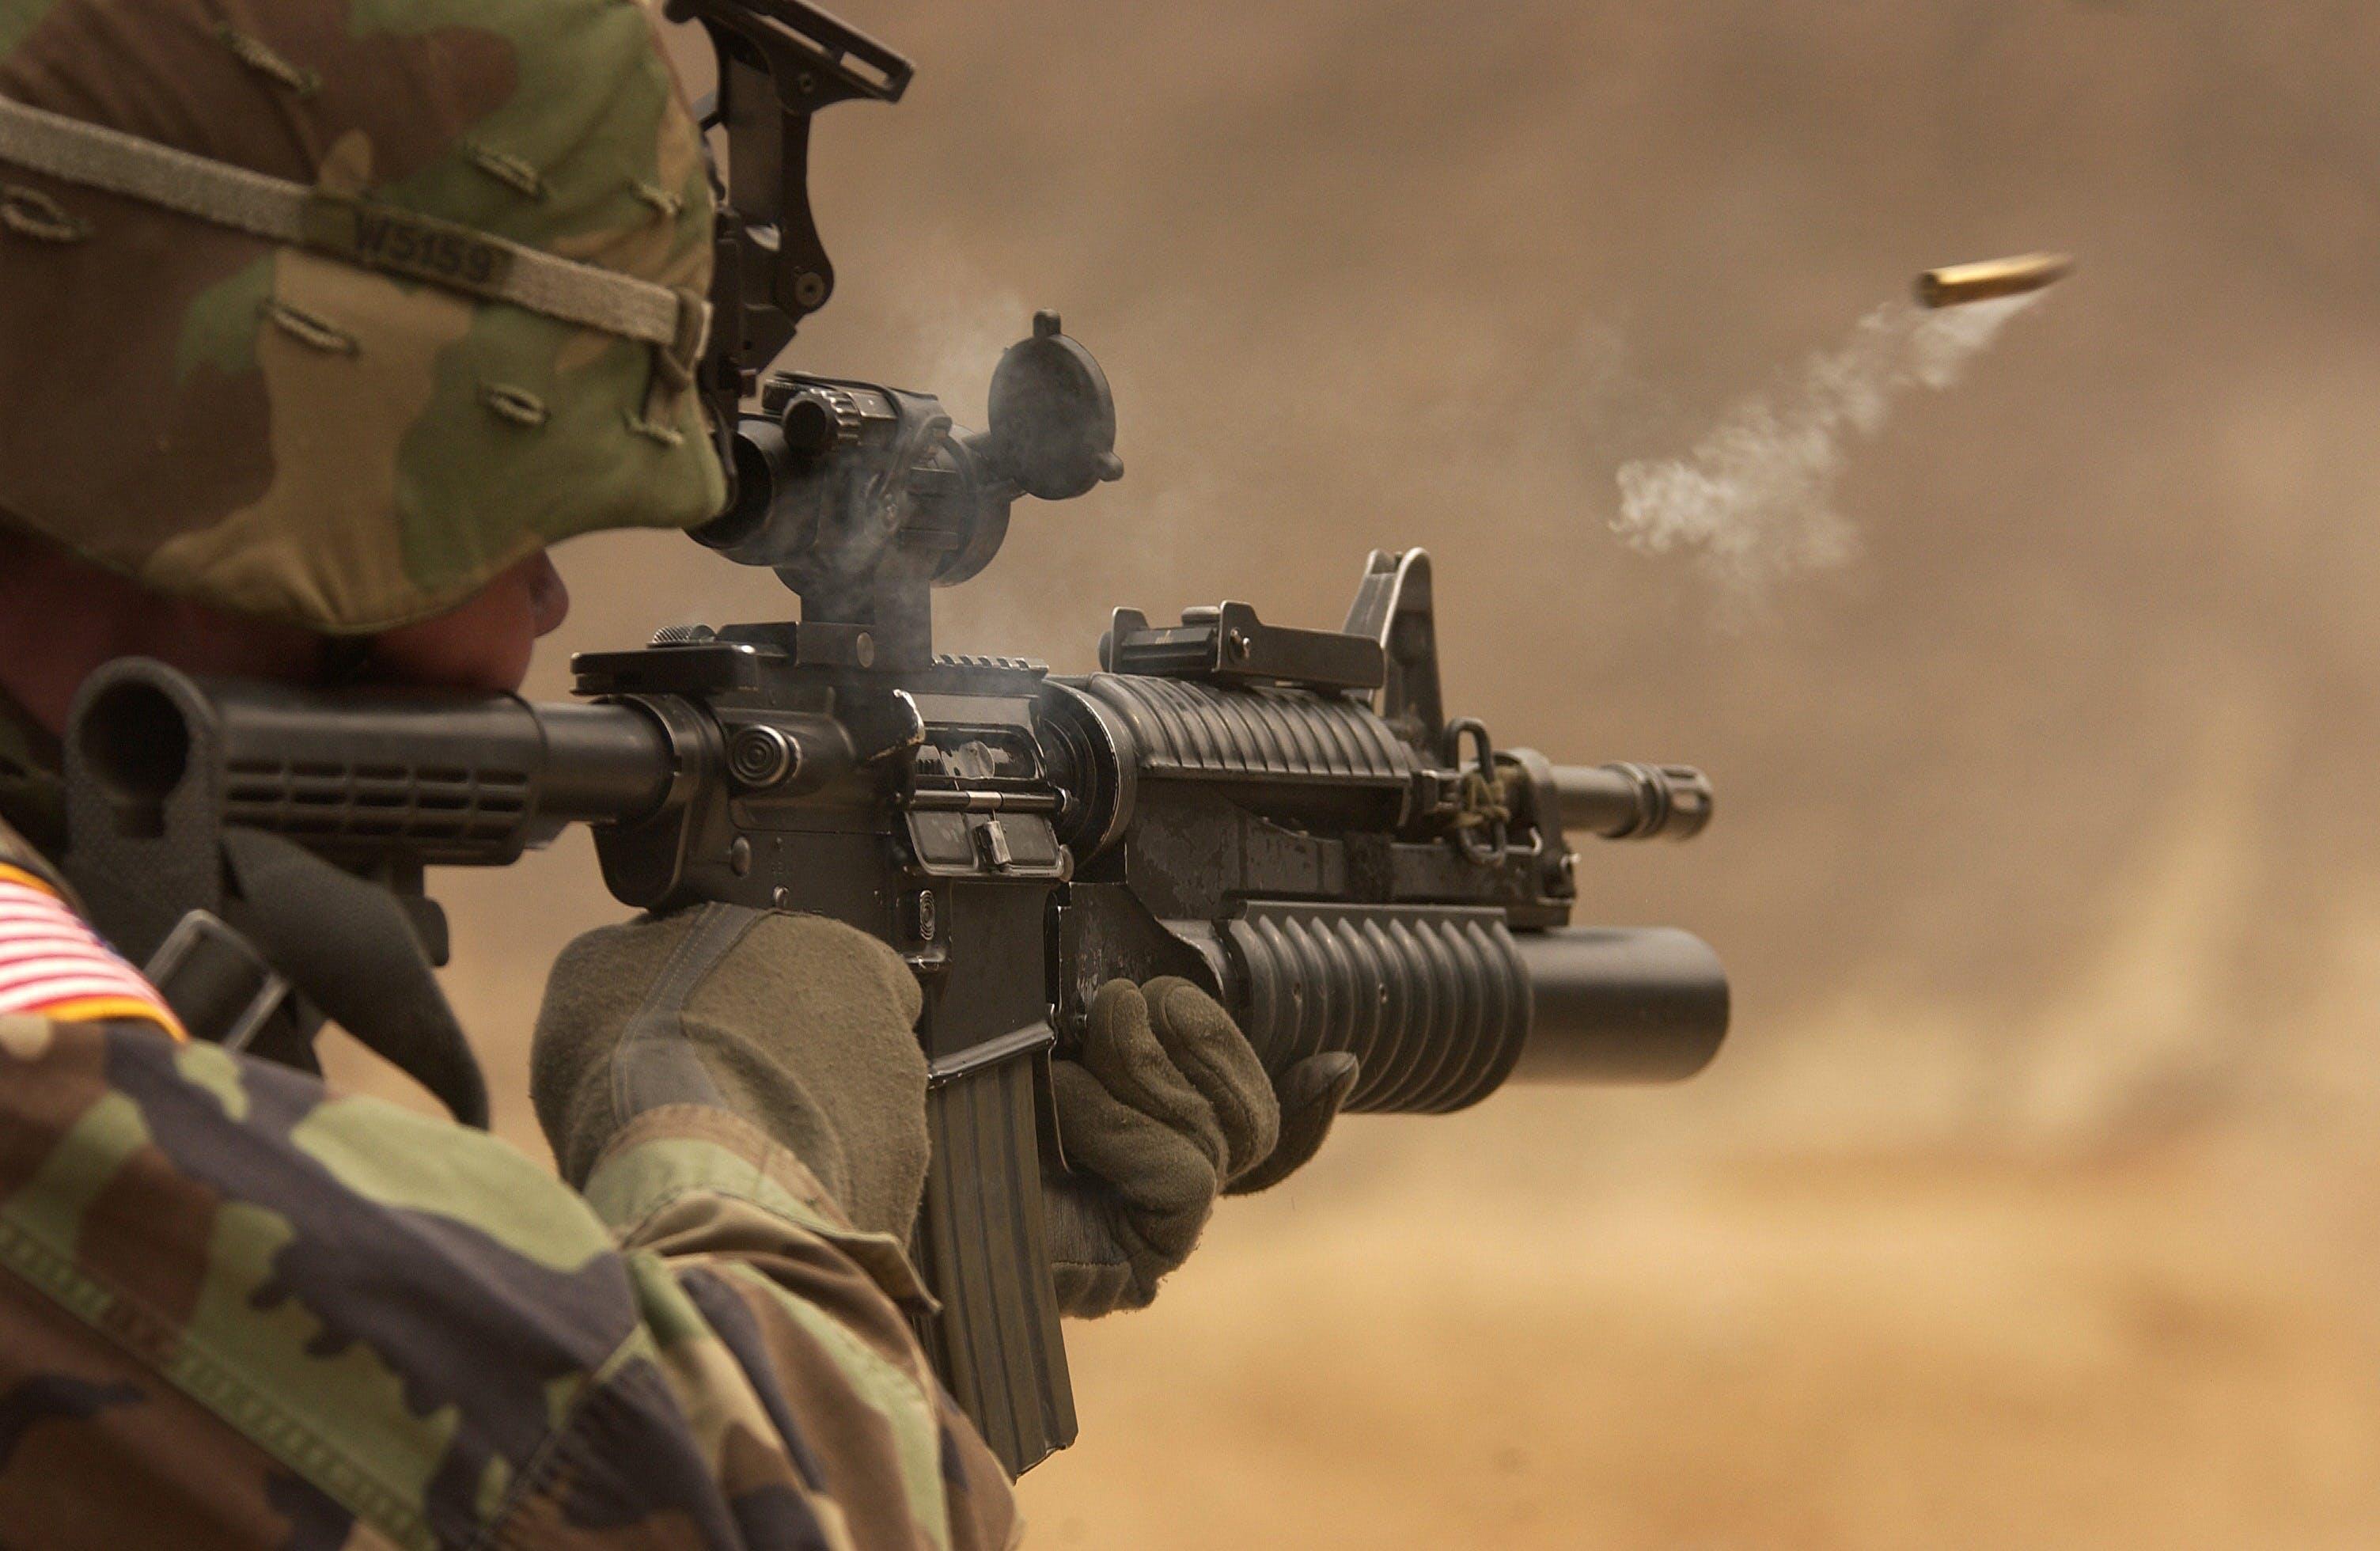 automatische waffe, bewaffnet, brennen